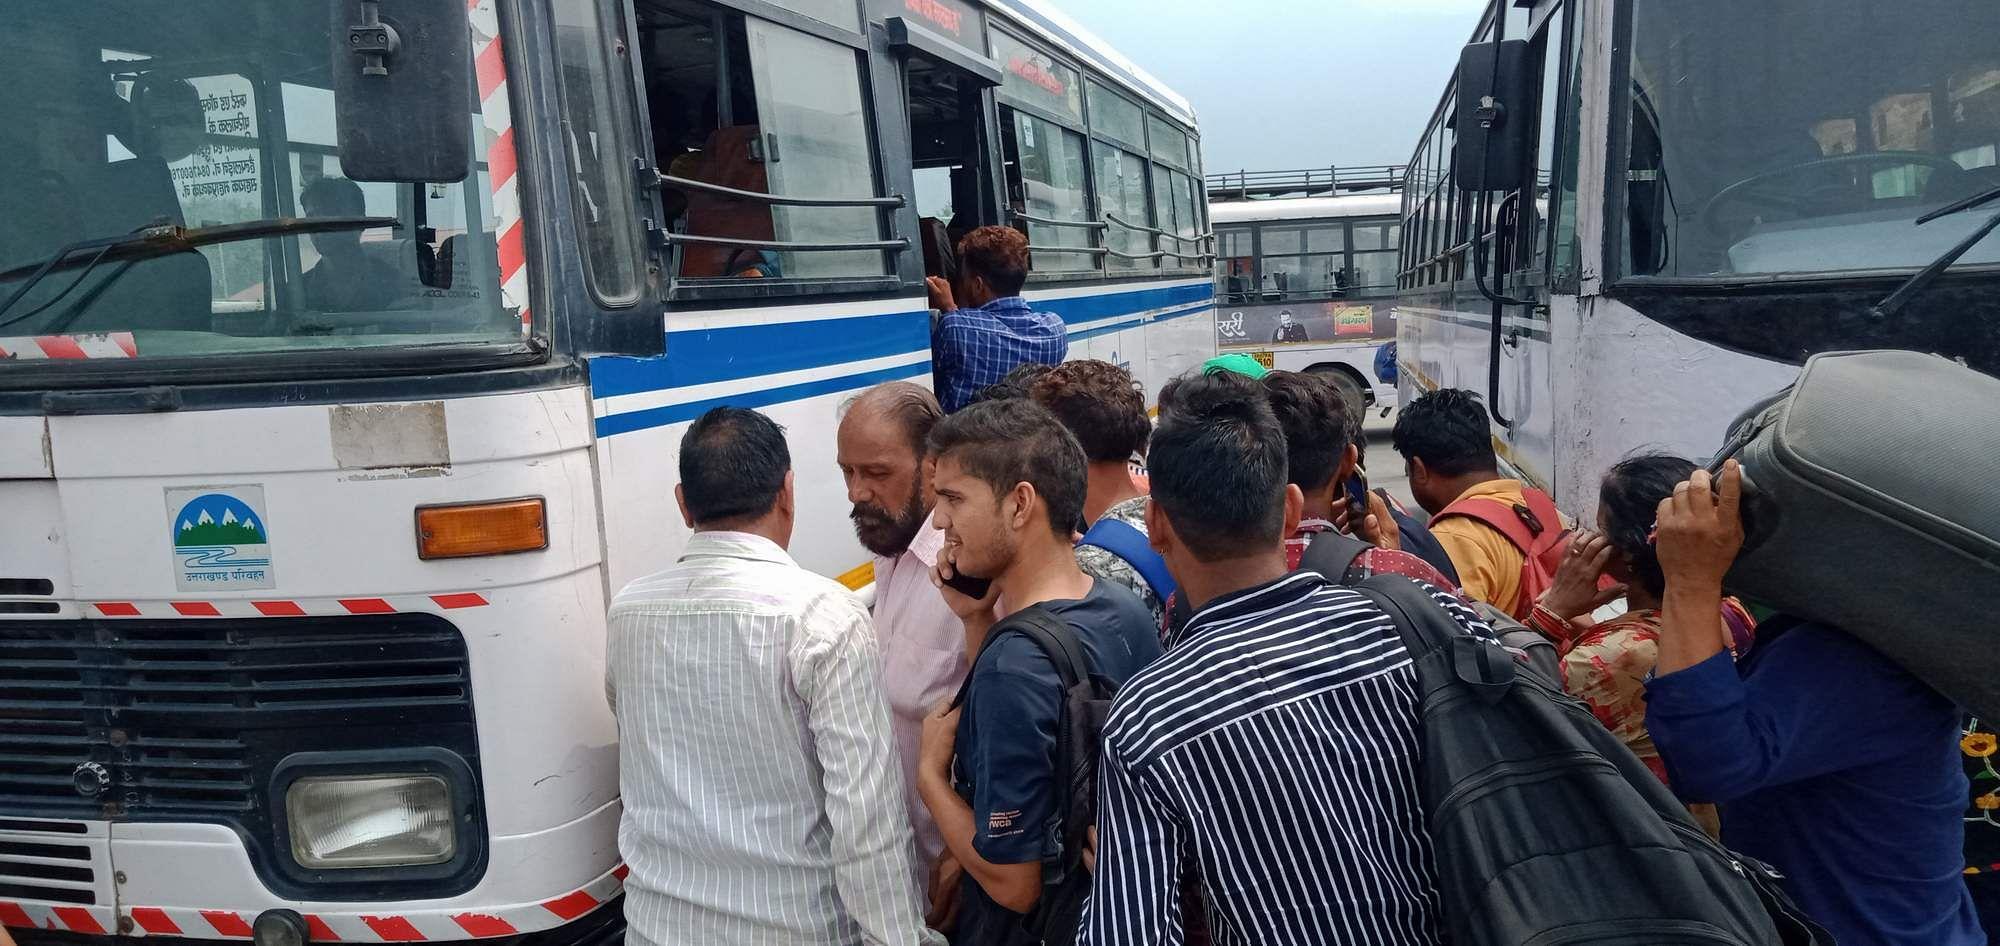 10 देहरादून, हरिद्वार रूट पर जाने के लिए रोडवेज बसों पर इस तरह रही मारामारी